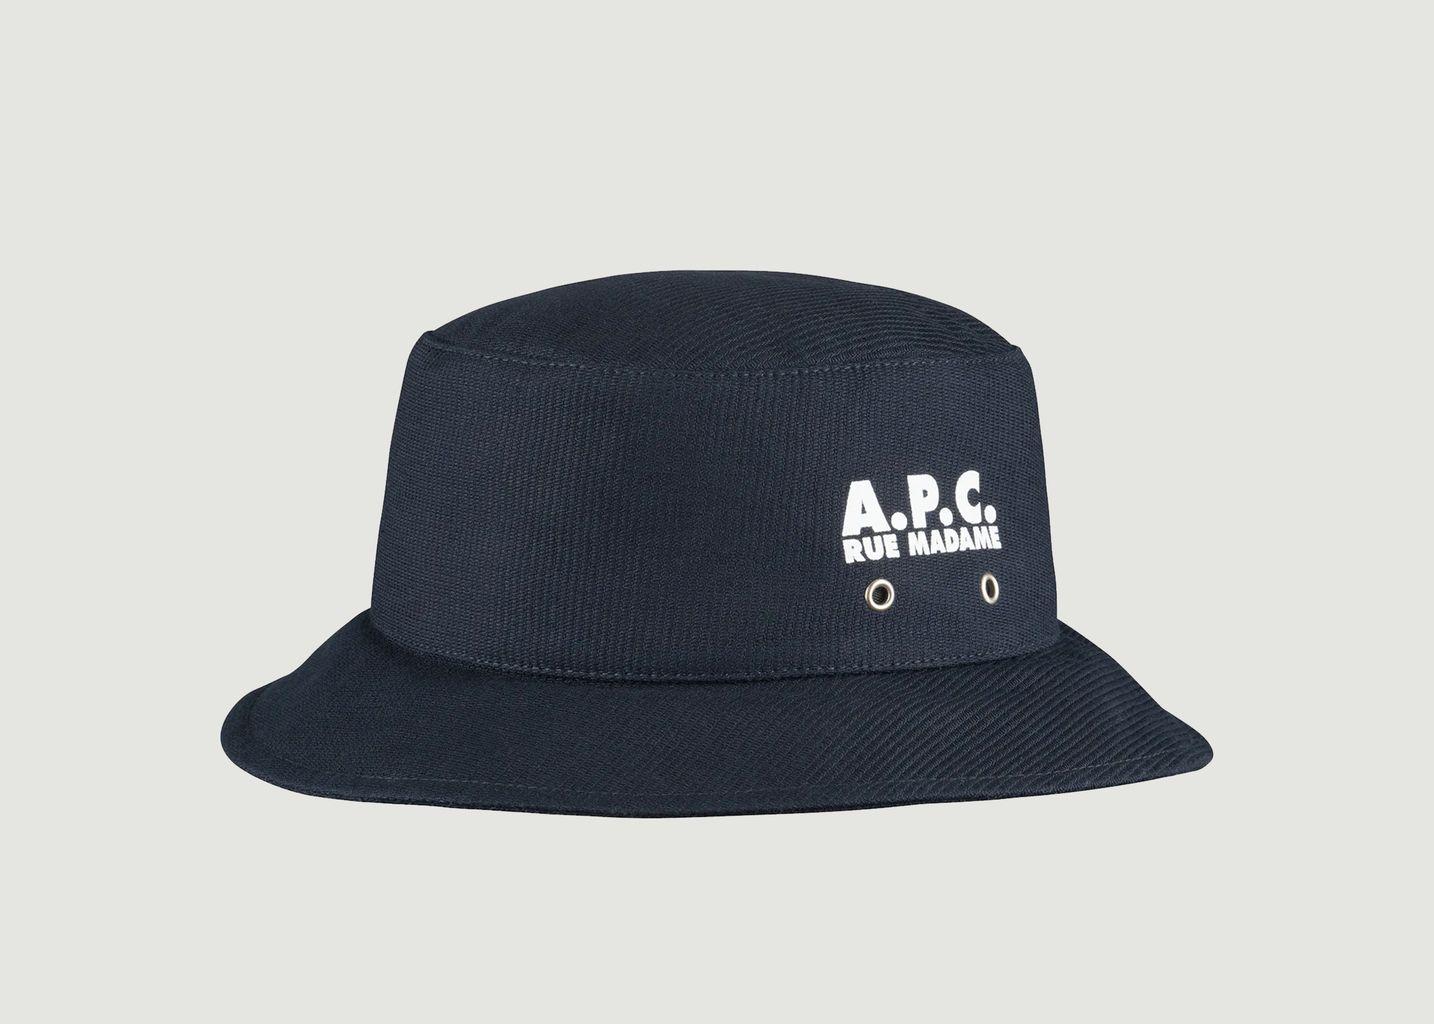 Bob Alex - A.P.C.